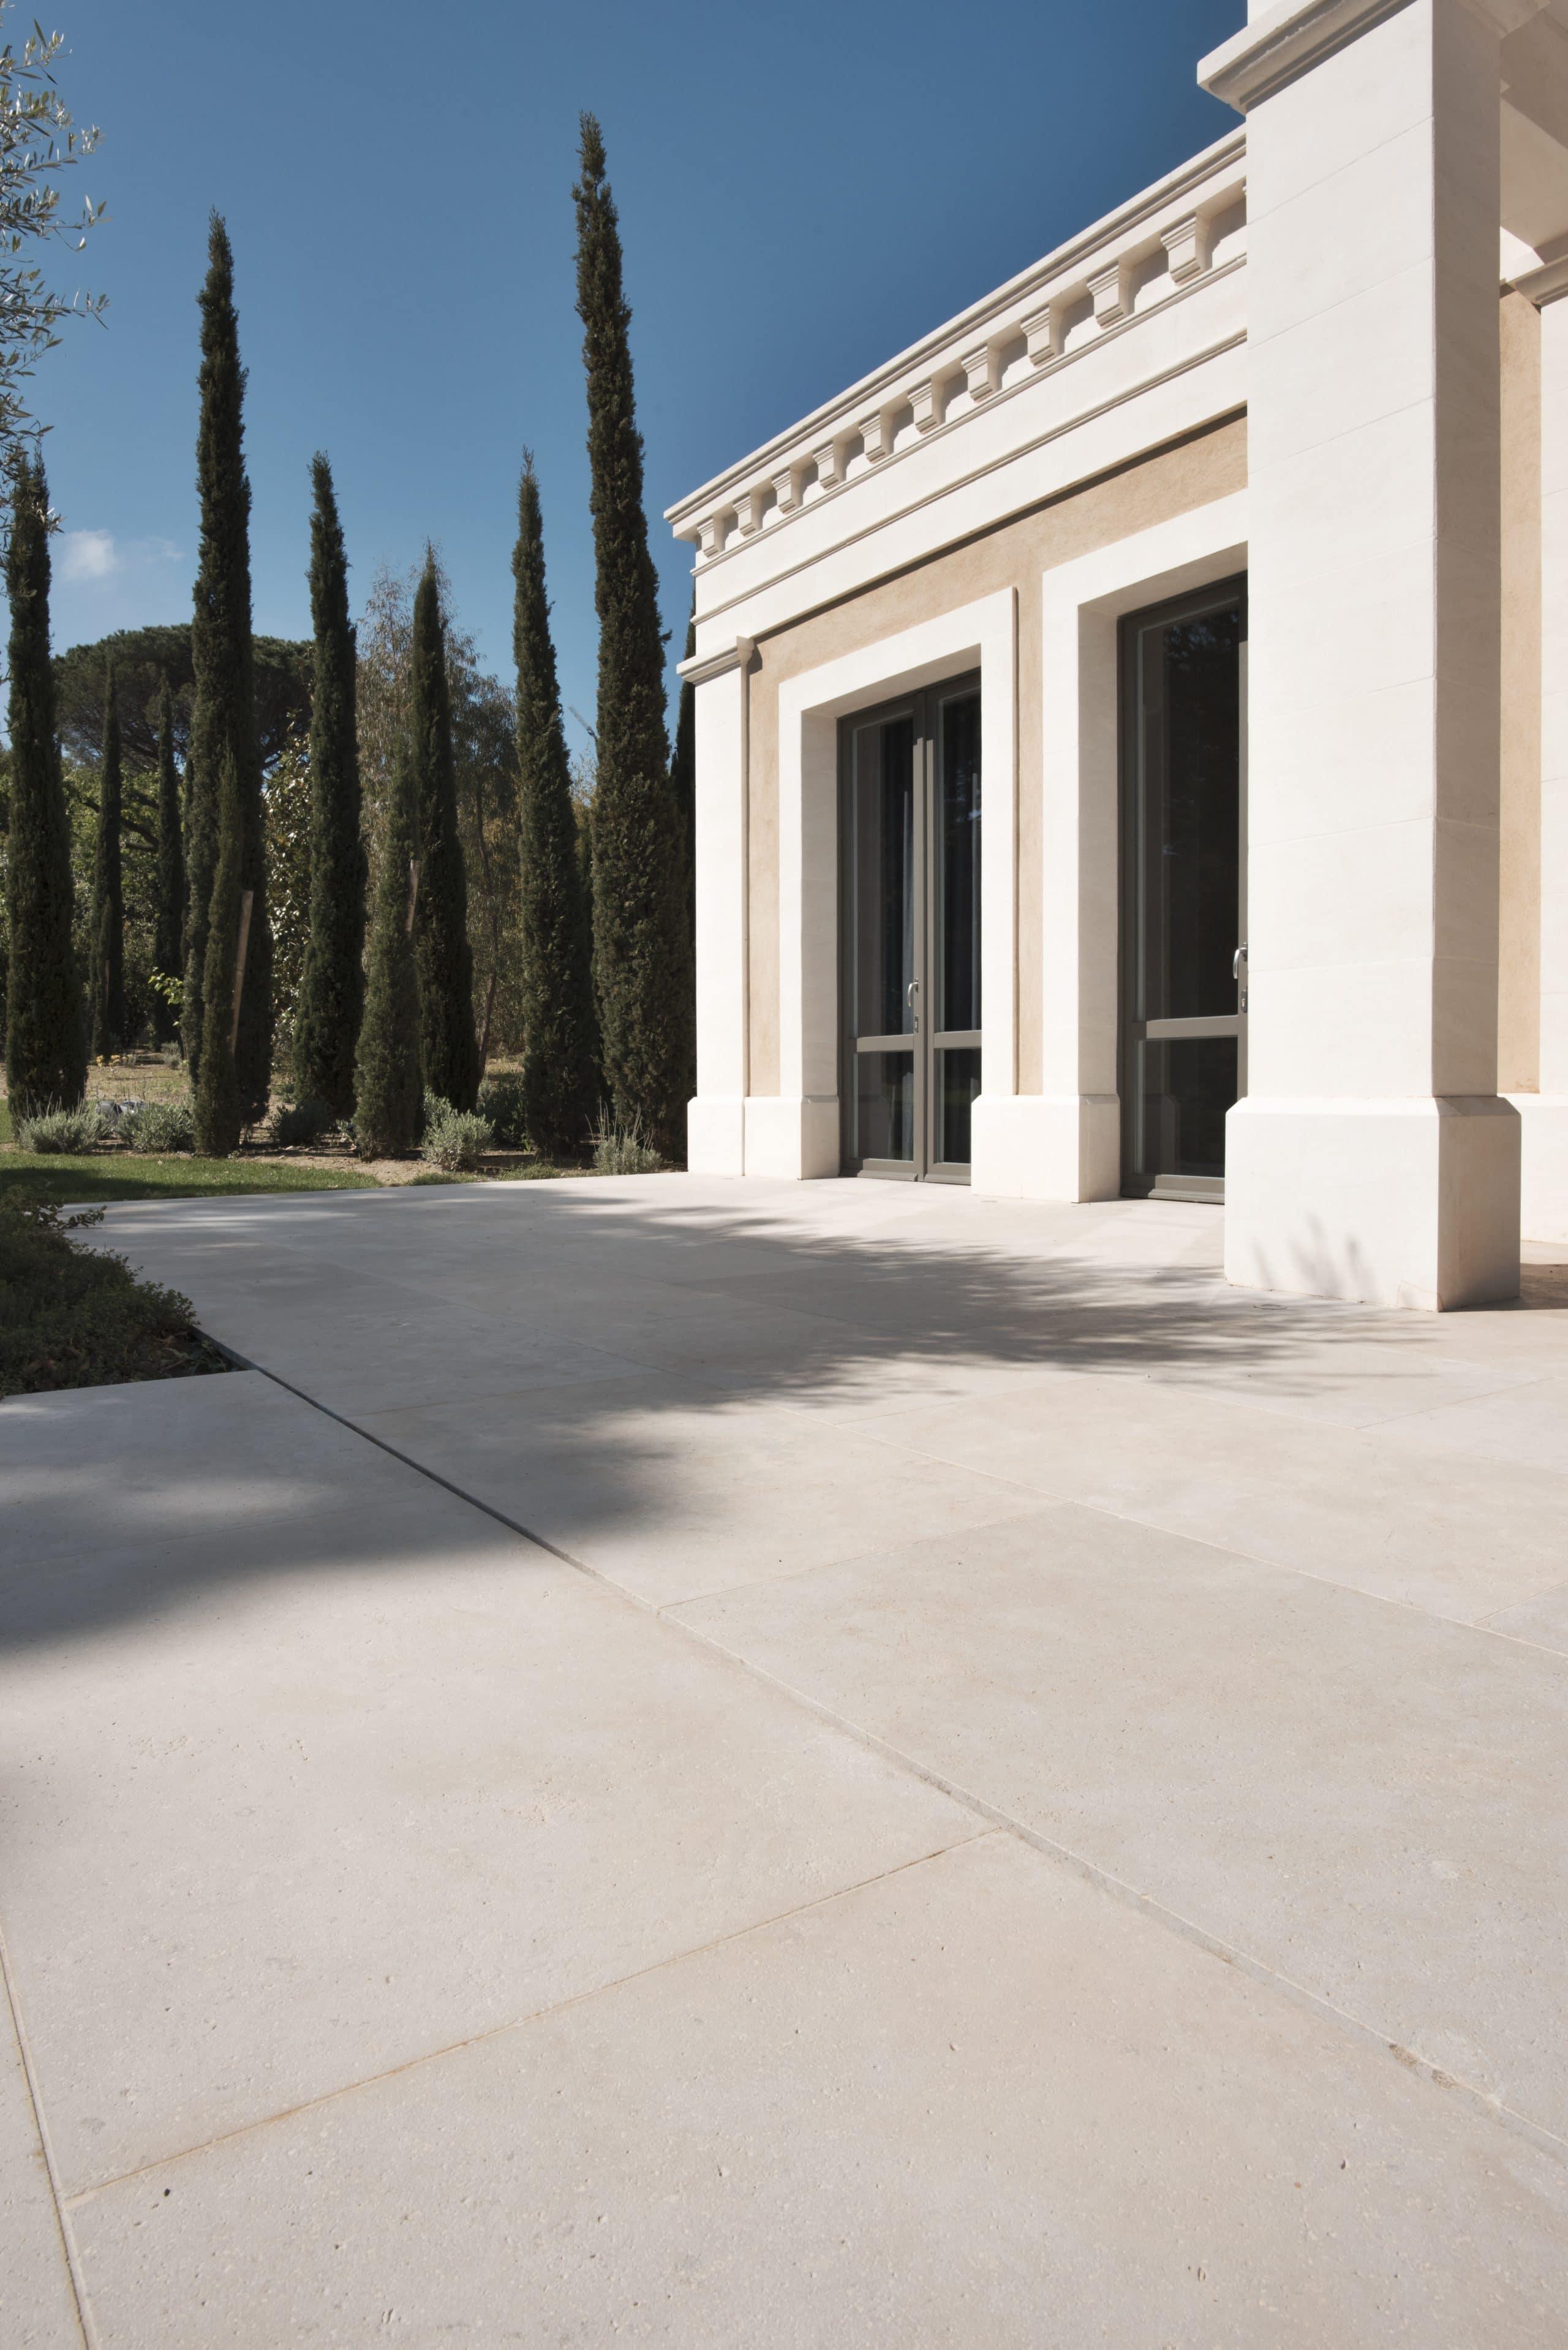 Aménagement façade en pierre: ensemble corniches, piliers, encadrements de fenêtre et sol en pierre assorti!